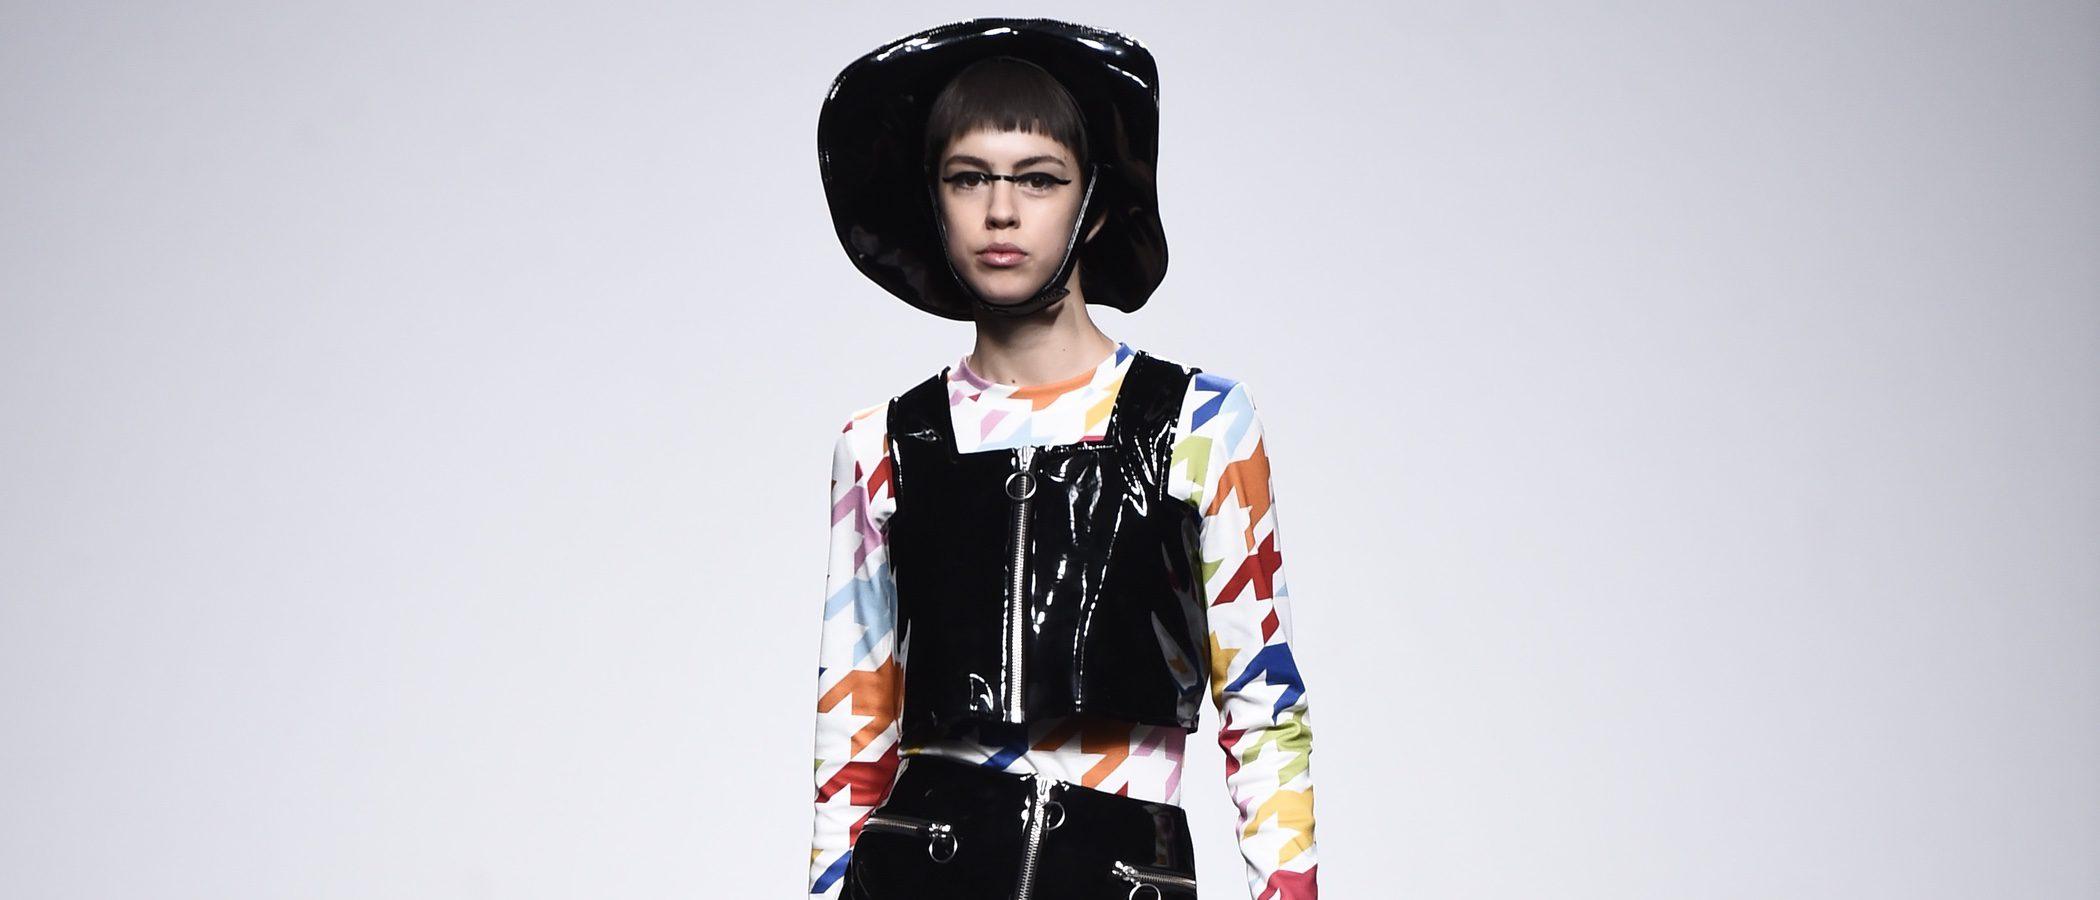 El enfoque futurista de María Escote en la campaña otoño/invierno 2018/2019 en la Madrid Fashion Week